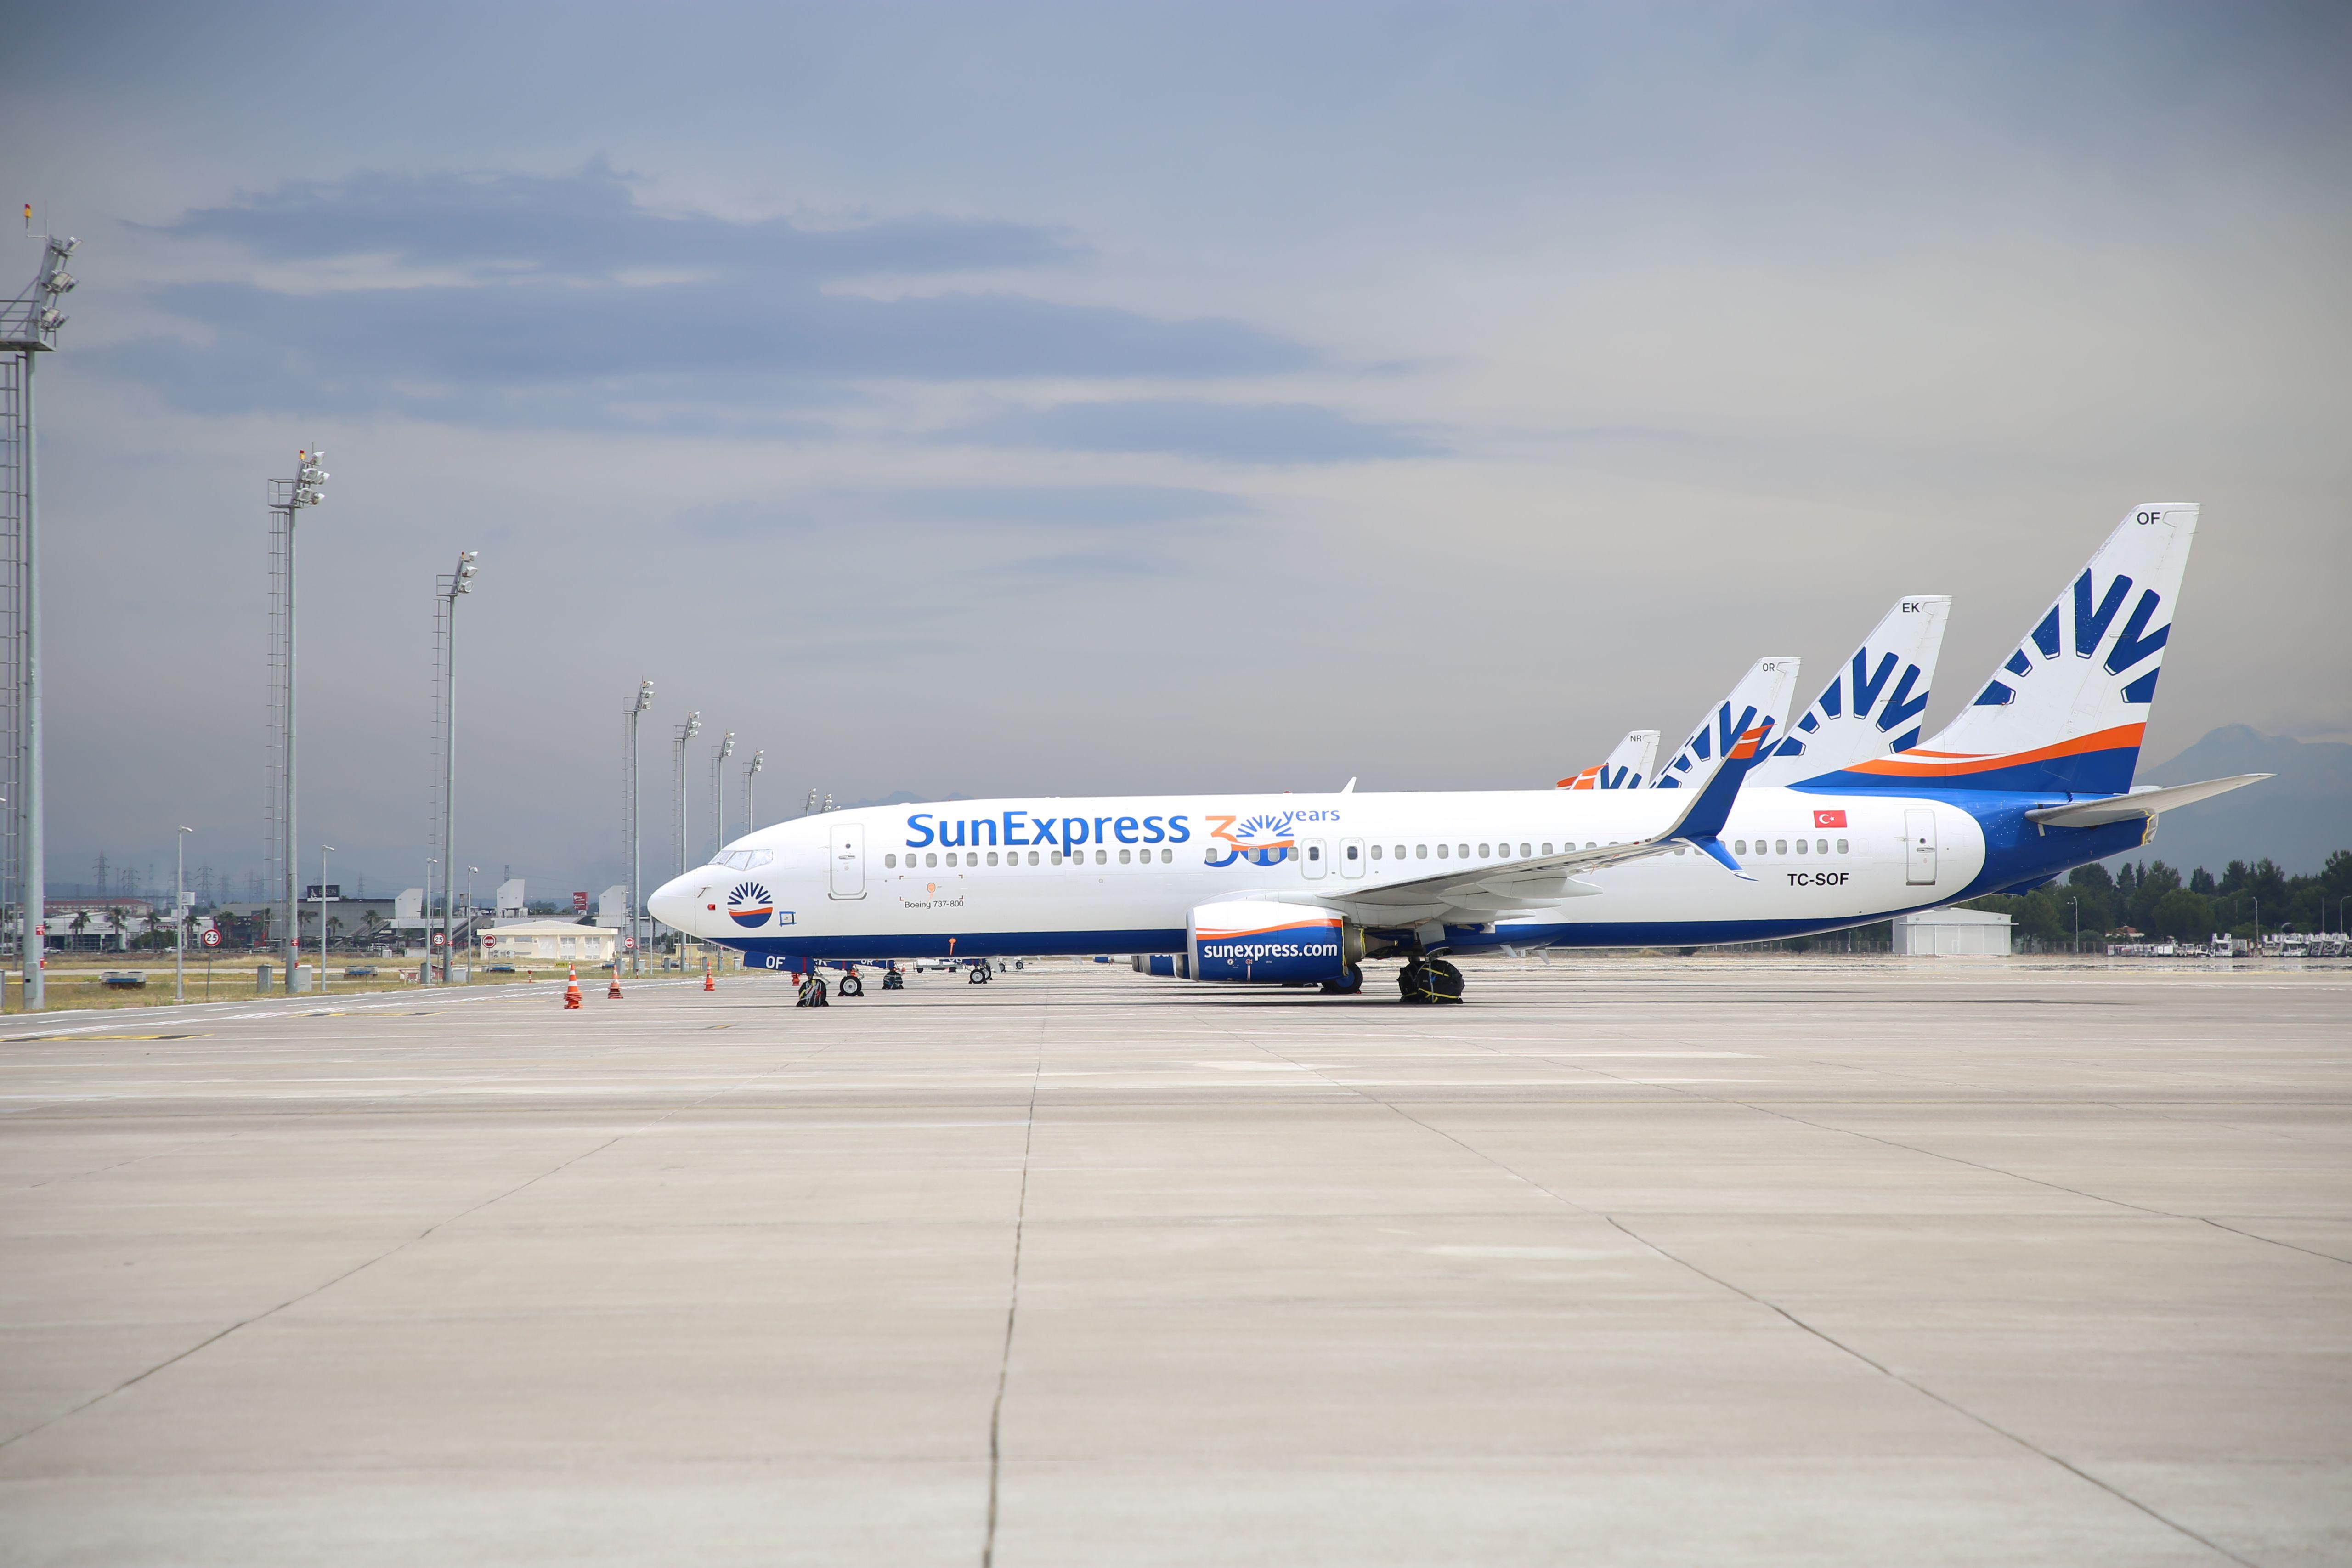 SunExpress, Anadolu – Avrupa uçuş ağını genişletiyor...